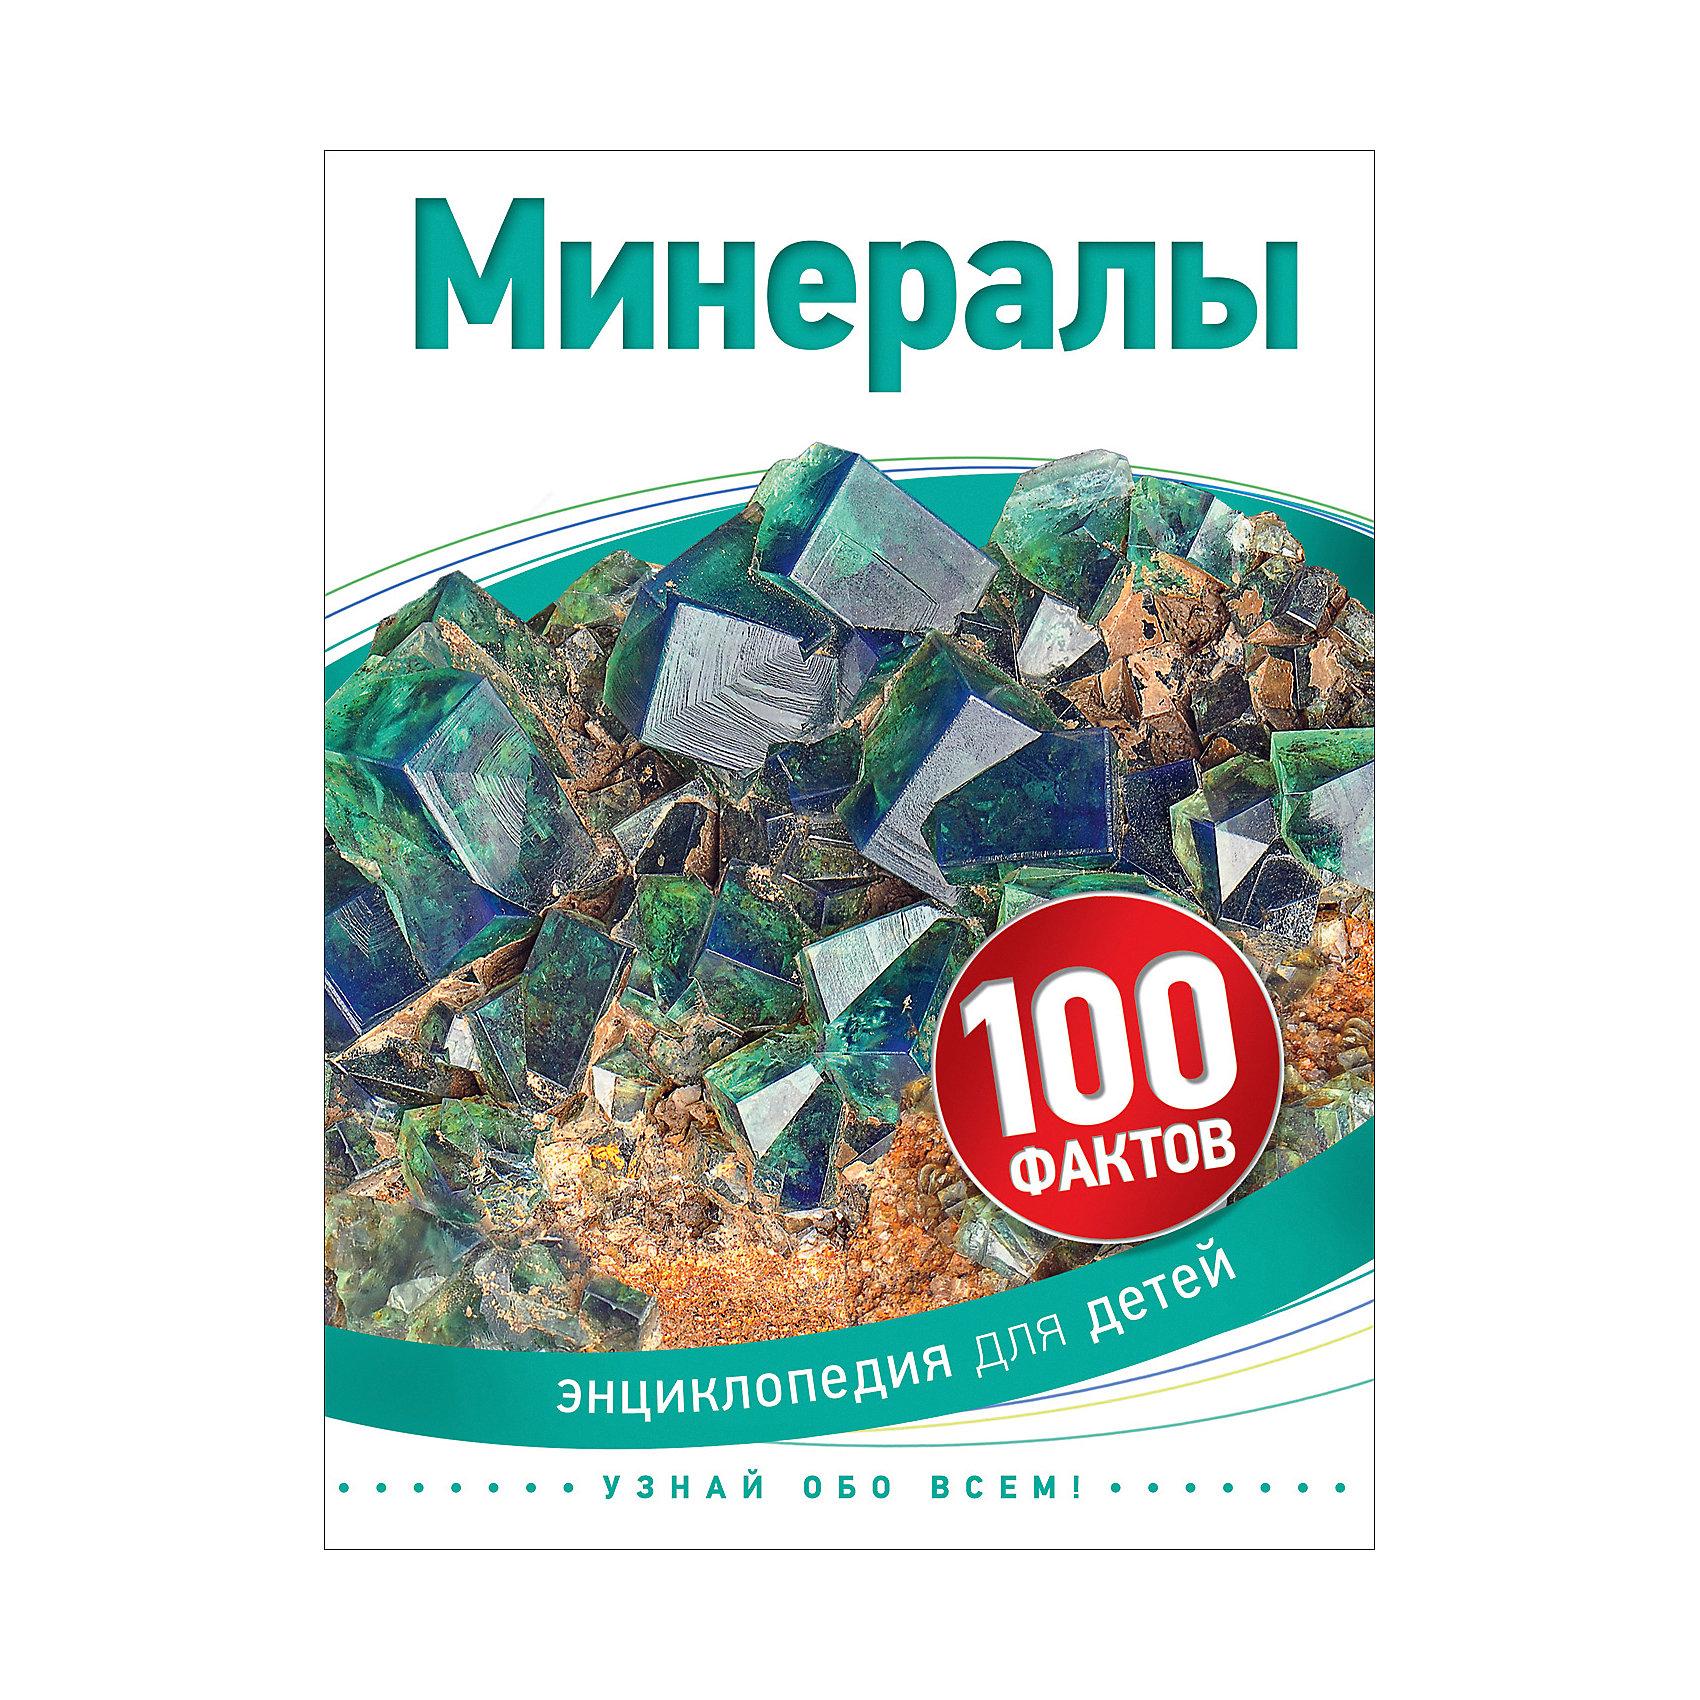 Минералы (100 фактов)Энциклопедии всё обо всём<br>Характеристики товара:<br><br>- цвет: разноцветный;<br>- материал: бумага;<br>- страниц: 48;<br>- формат: 17 х 21 см;<br>- обложка: твердая;<br>- цветные иллюстрации.<br><br>Эта интересная книга с иллюстрациями станет отличным подарком для ребенка. Она содержит в себе ответы на вопросы, которые интересуют малышей. Всё представлено в очень простой форме! Талантливый иллюстратор дополнил книгу качественными рисунками, которые помогают ребенку понять суть многих вещей в нашем мире. Удивительные и интересные факты помогут привить любовь к учебе!<br>Чтение - отличный способ активизации мышления, оно помогает ребенку развивать зрительную память, концентрацию внимания и воображение. Издание произведено из качественных материалов, которые безопасны даже для самых маленьких.<br><br>Книгу Минералы (100 фактов) от компании Росмэн можно купить в нашем интернет-магазине.<br><br>Ширина мм: 220<br>Глубина мм: 165<br>Высота мм: 8<br>Вес г: 194<br>Возраст от месяцев: 60<br>Возраст до месяцев: 84<br>Пол: Унисекс<br>Возраст: Детский<br>SKU: 5109949